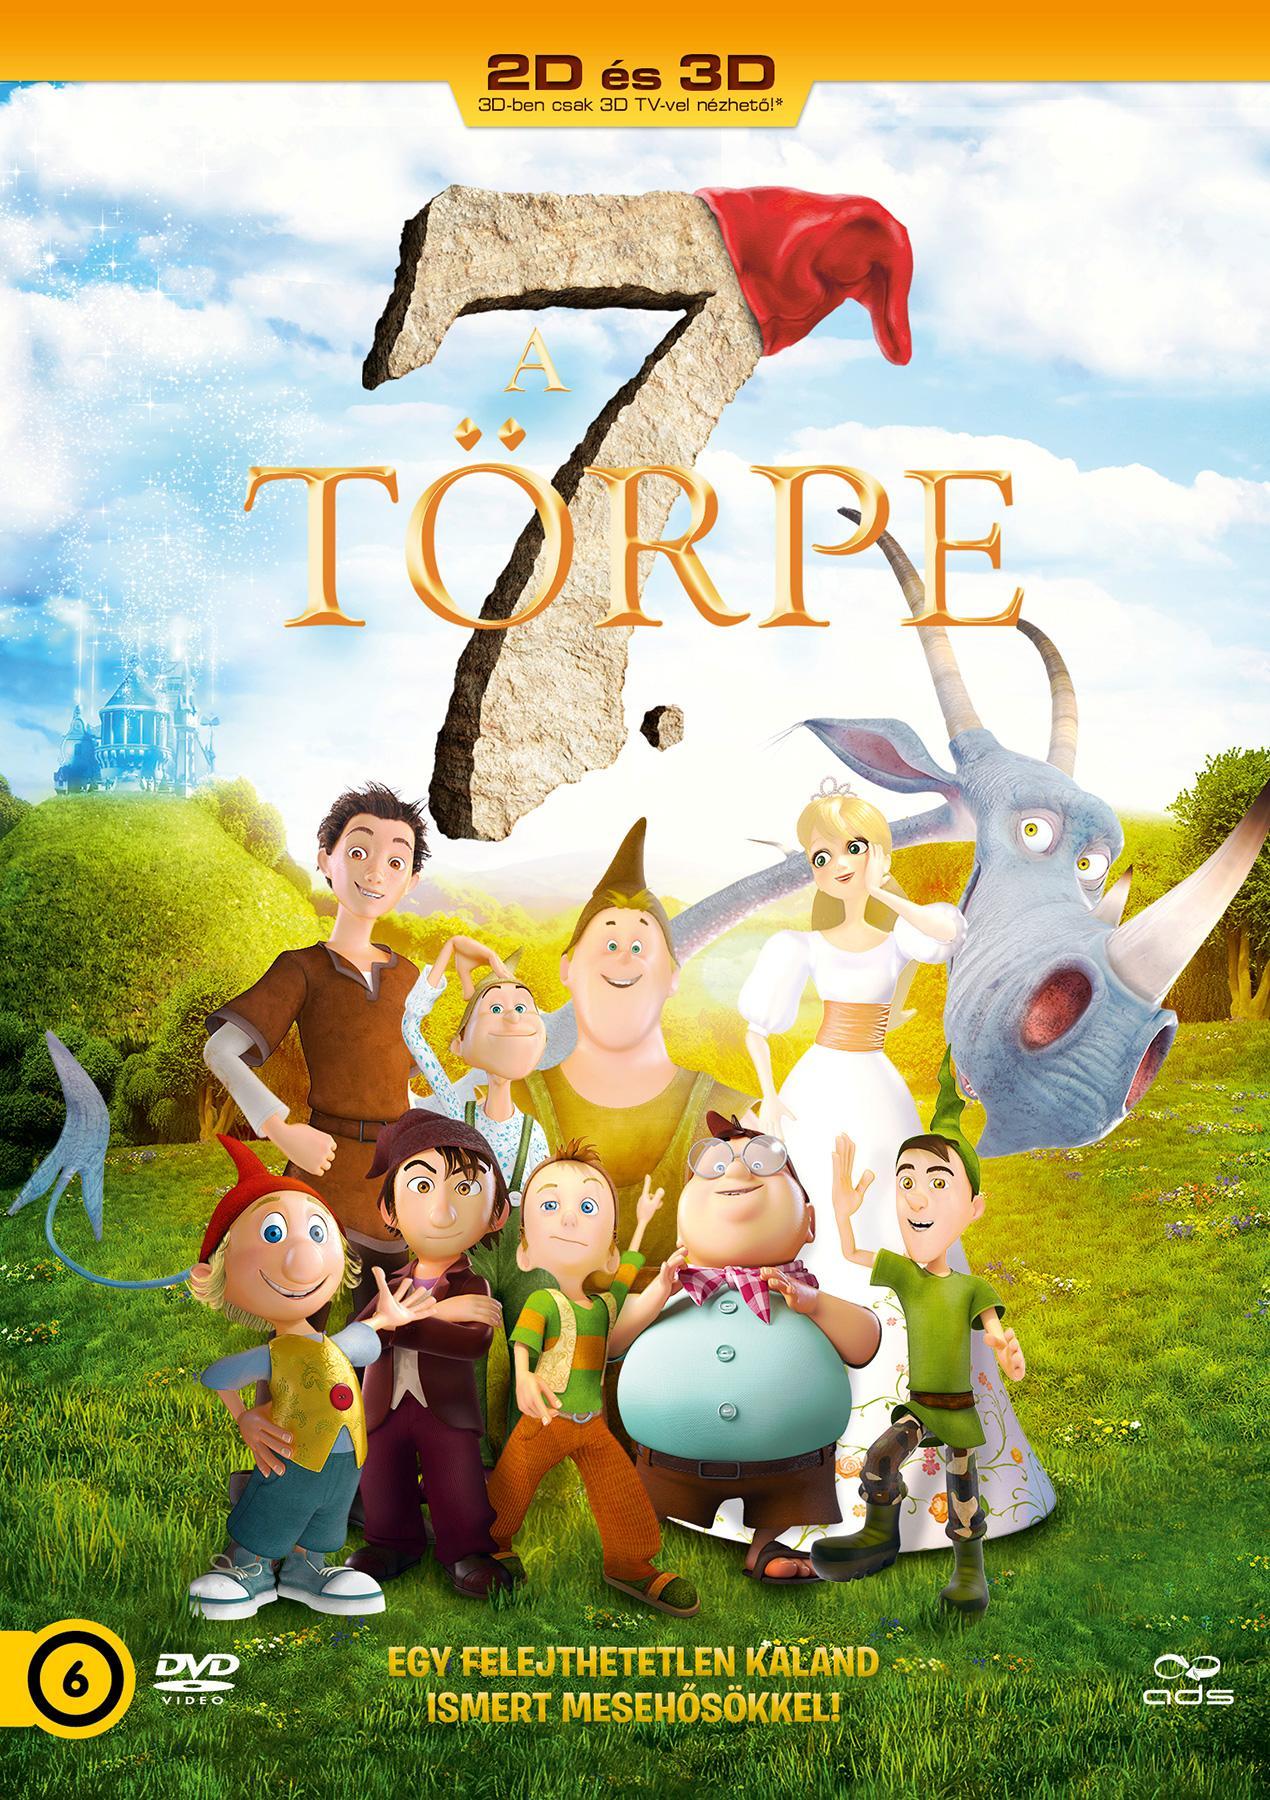 A 7. TÖRPE - DVD (2D/3D)